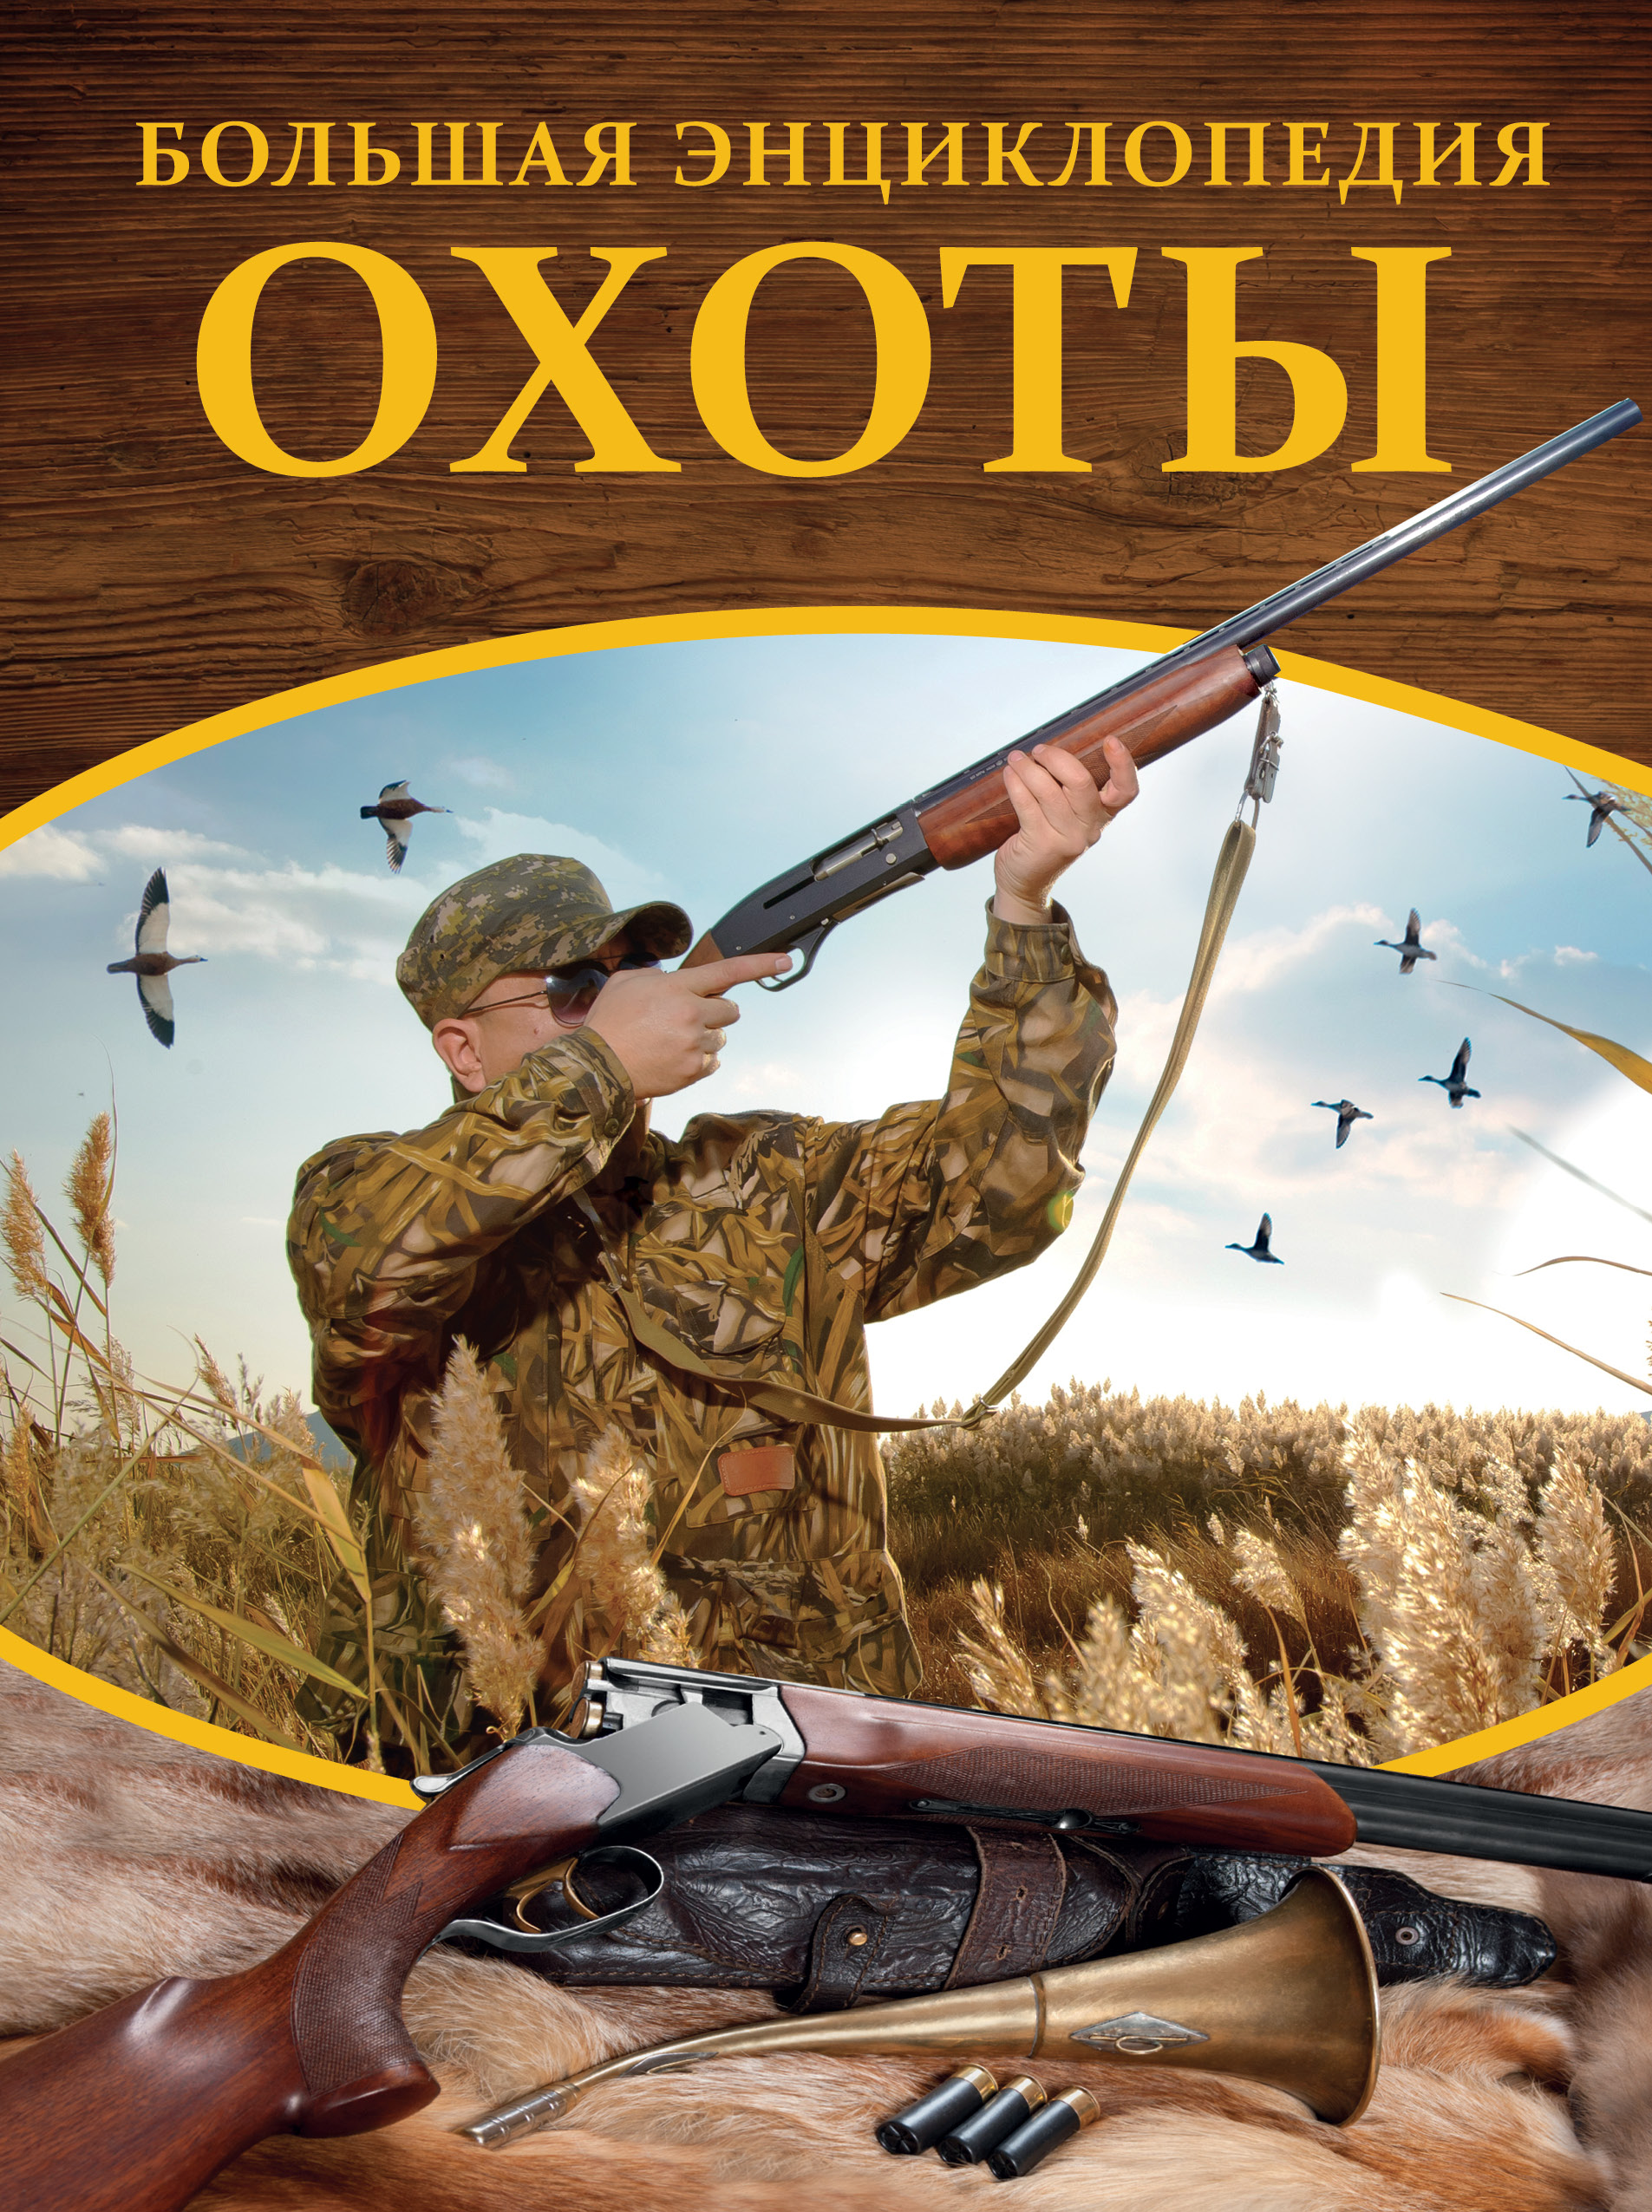 Большая энциклопедия охоты - Илья Гусев